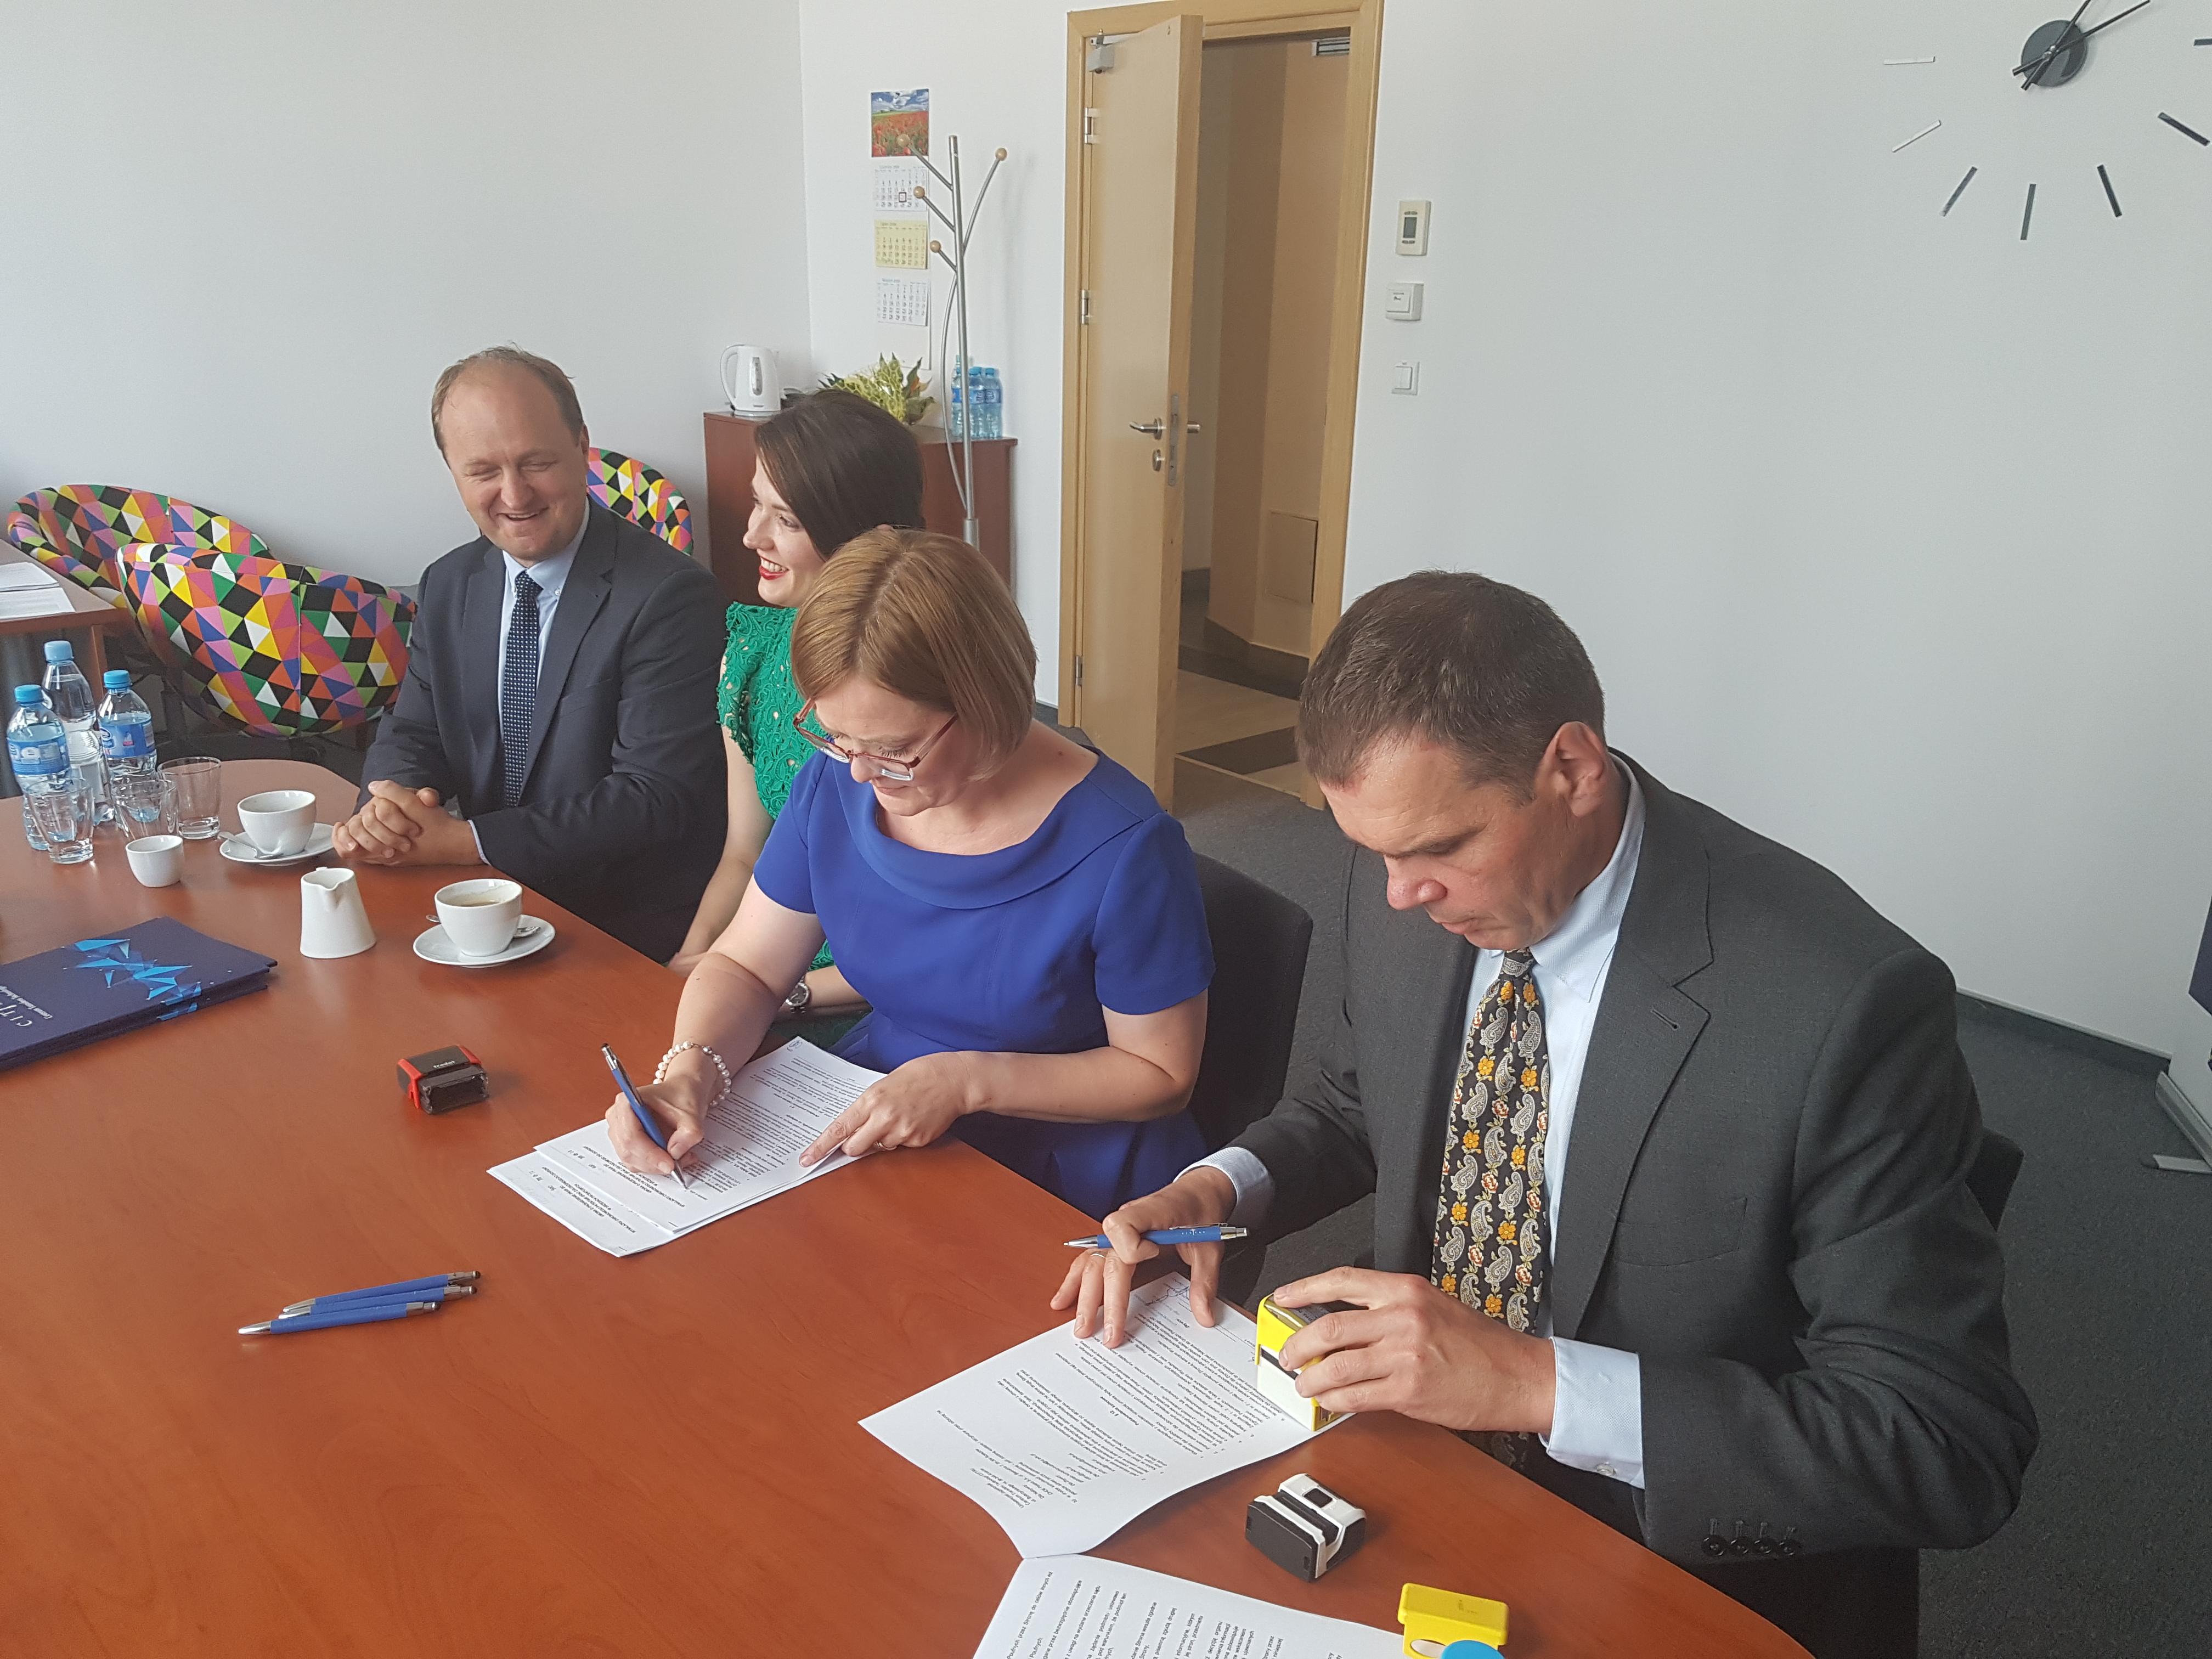 Cztery osoby siedzą przy stole, dwie z nich podpisują dokumenty